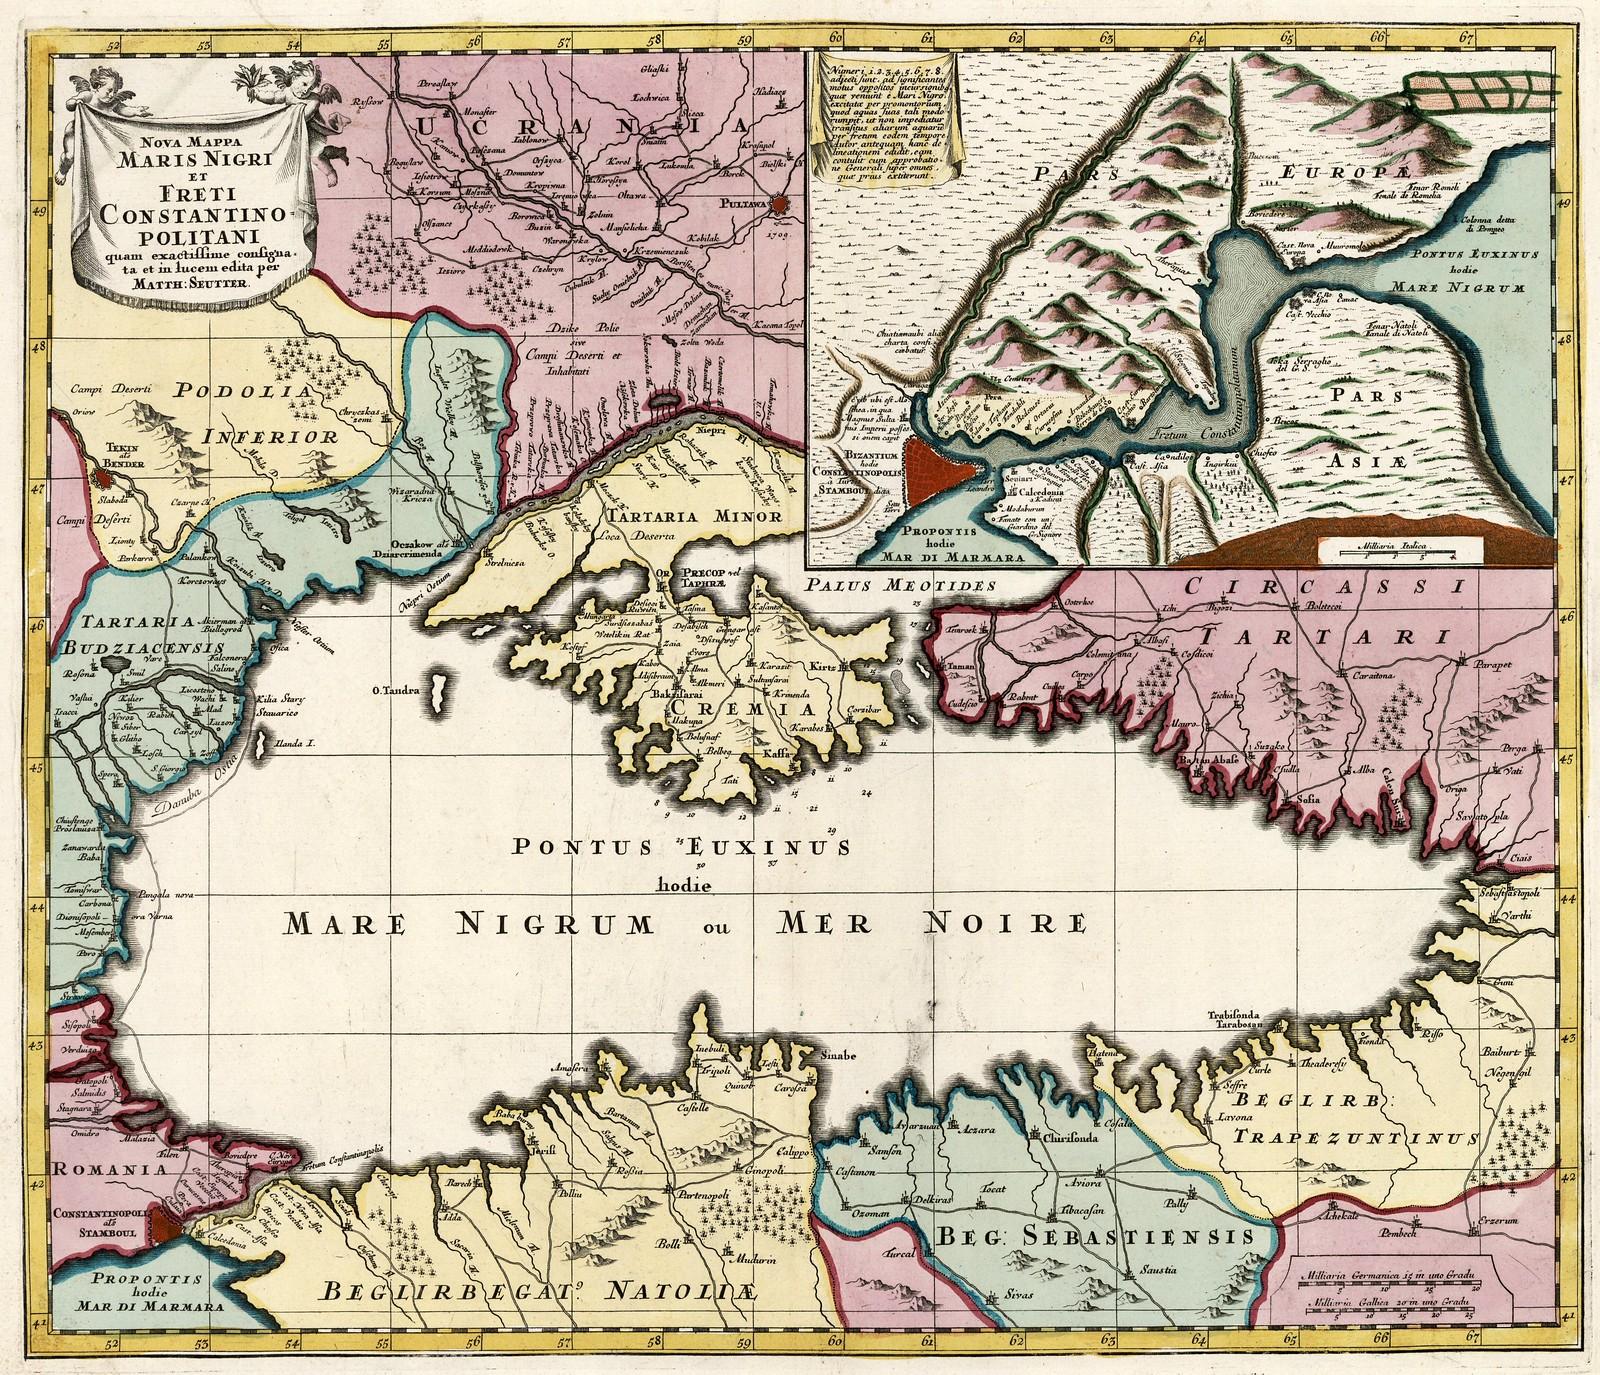 1730. Новая карта Черного моря и Константинопольского пролива, разработана и опубликована Маттеусом Сойтером, Аугсбург, Германия